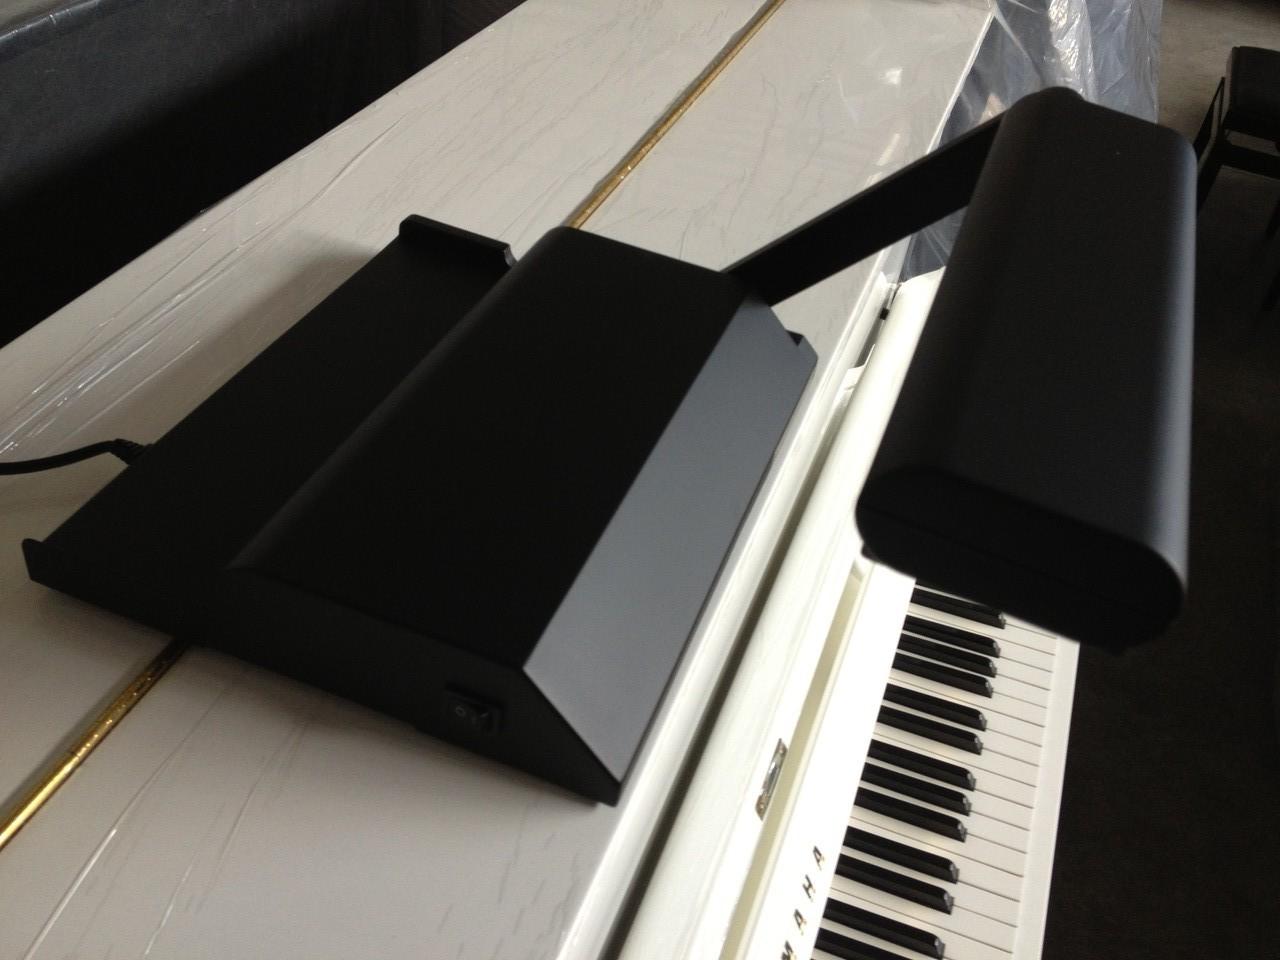 Lampade per pianoforte bellissime santori pianoforti di fabrizio